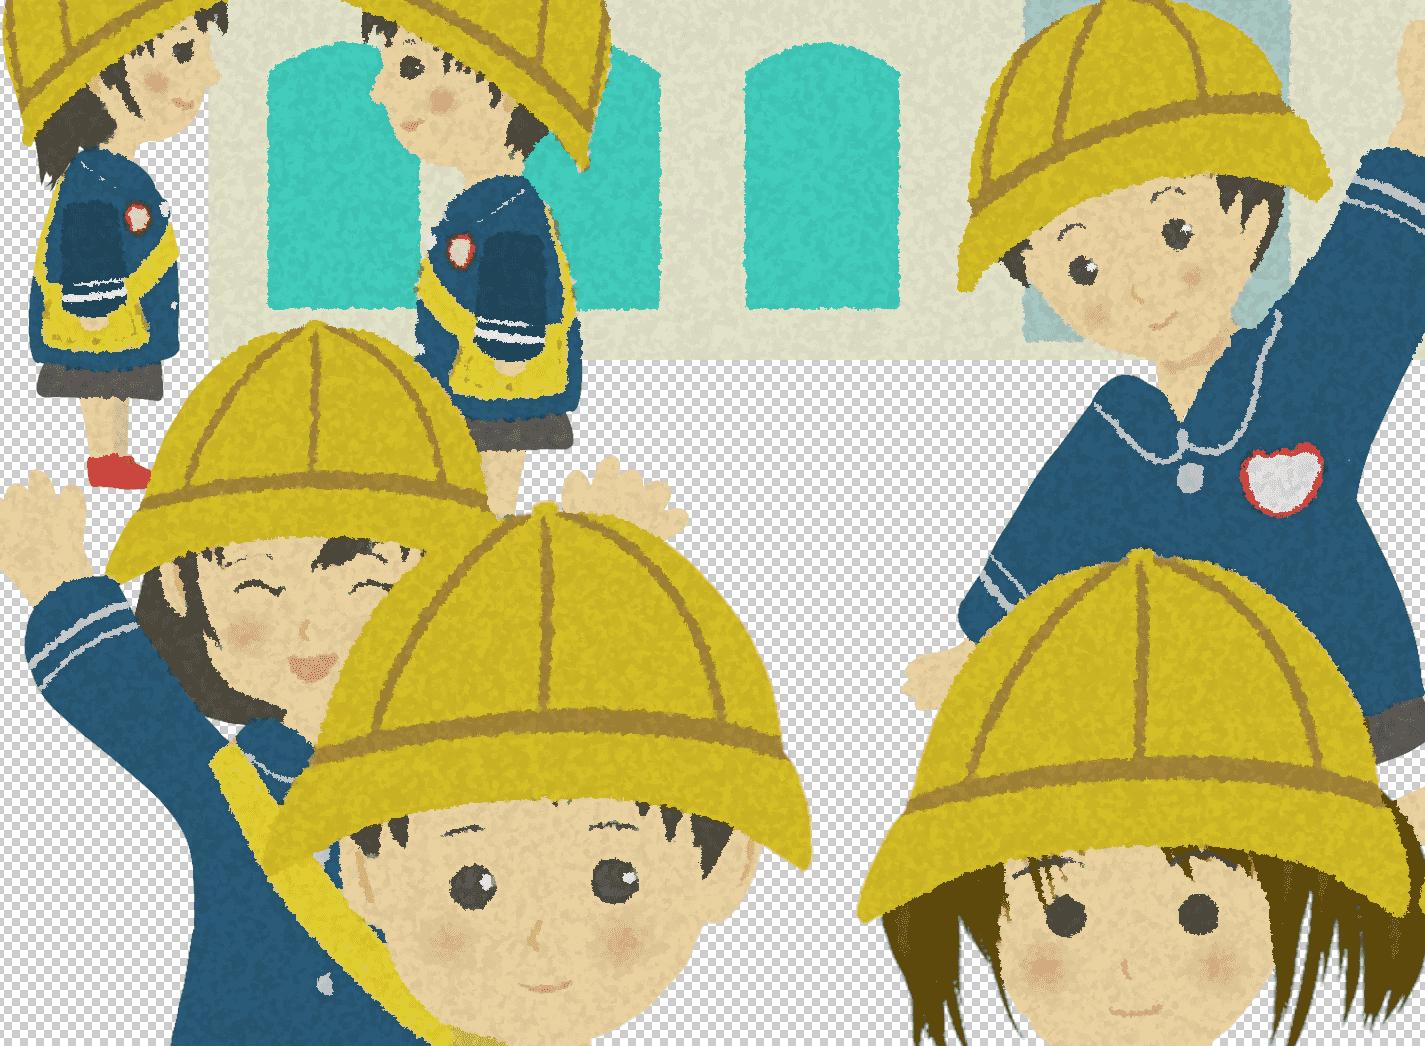 手描き風に調整された幼稚園児のイラスト